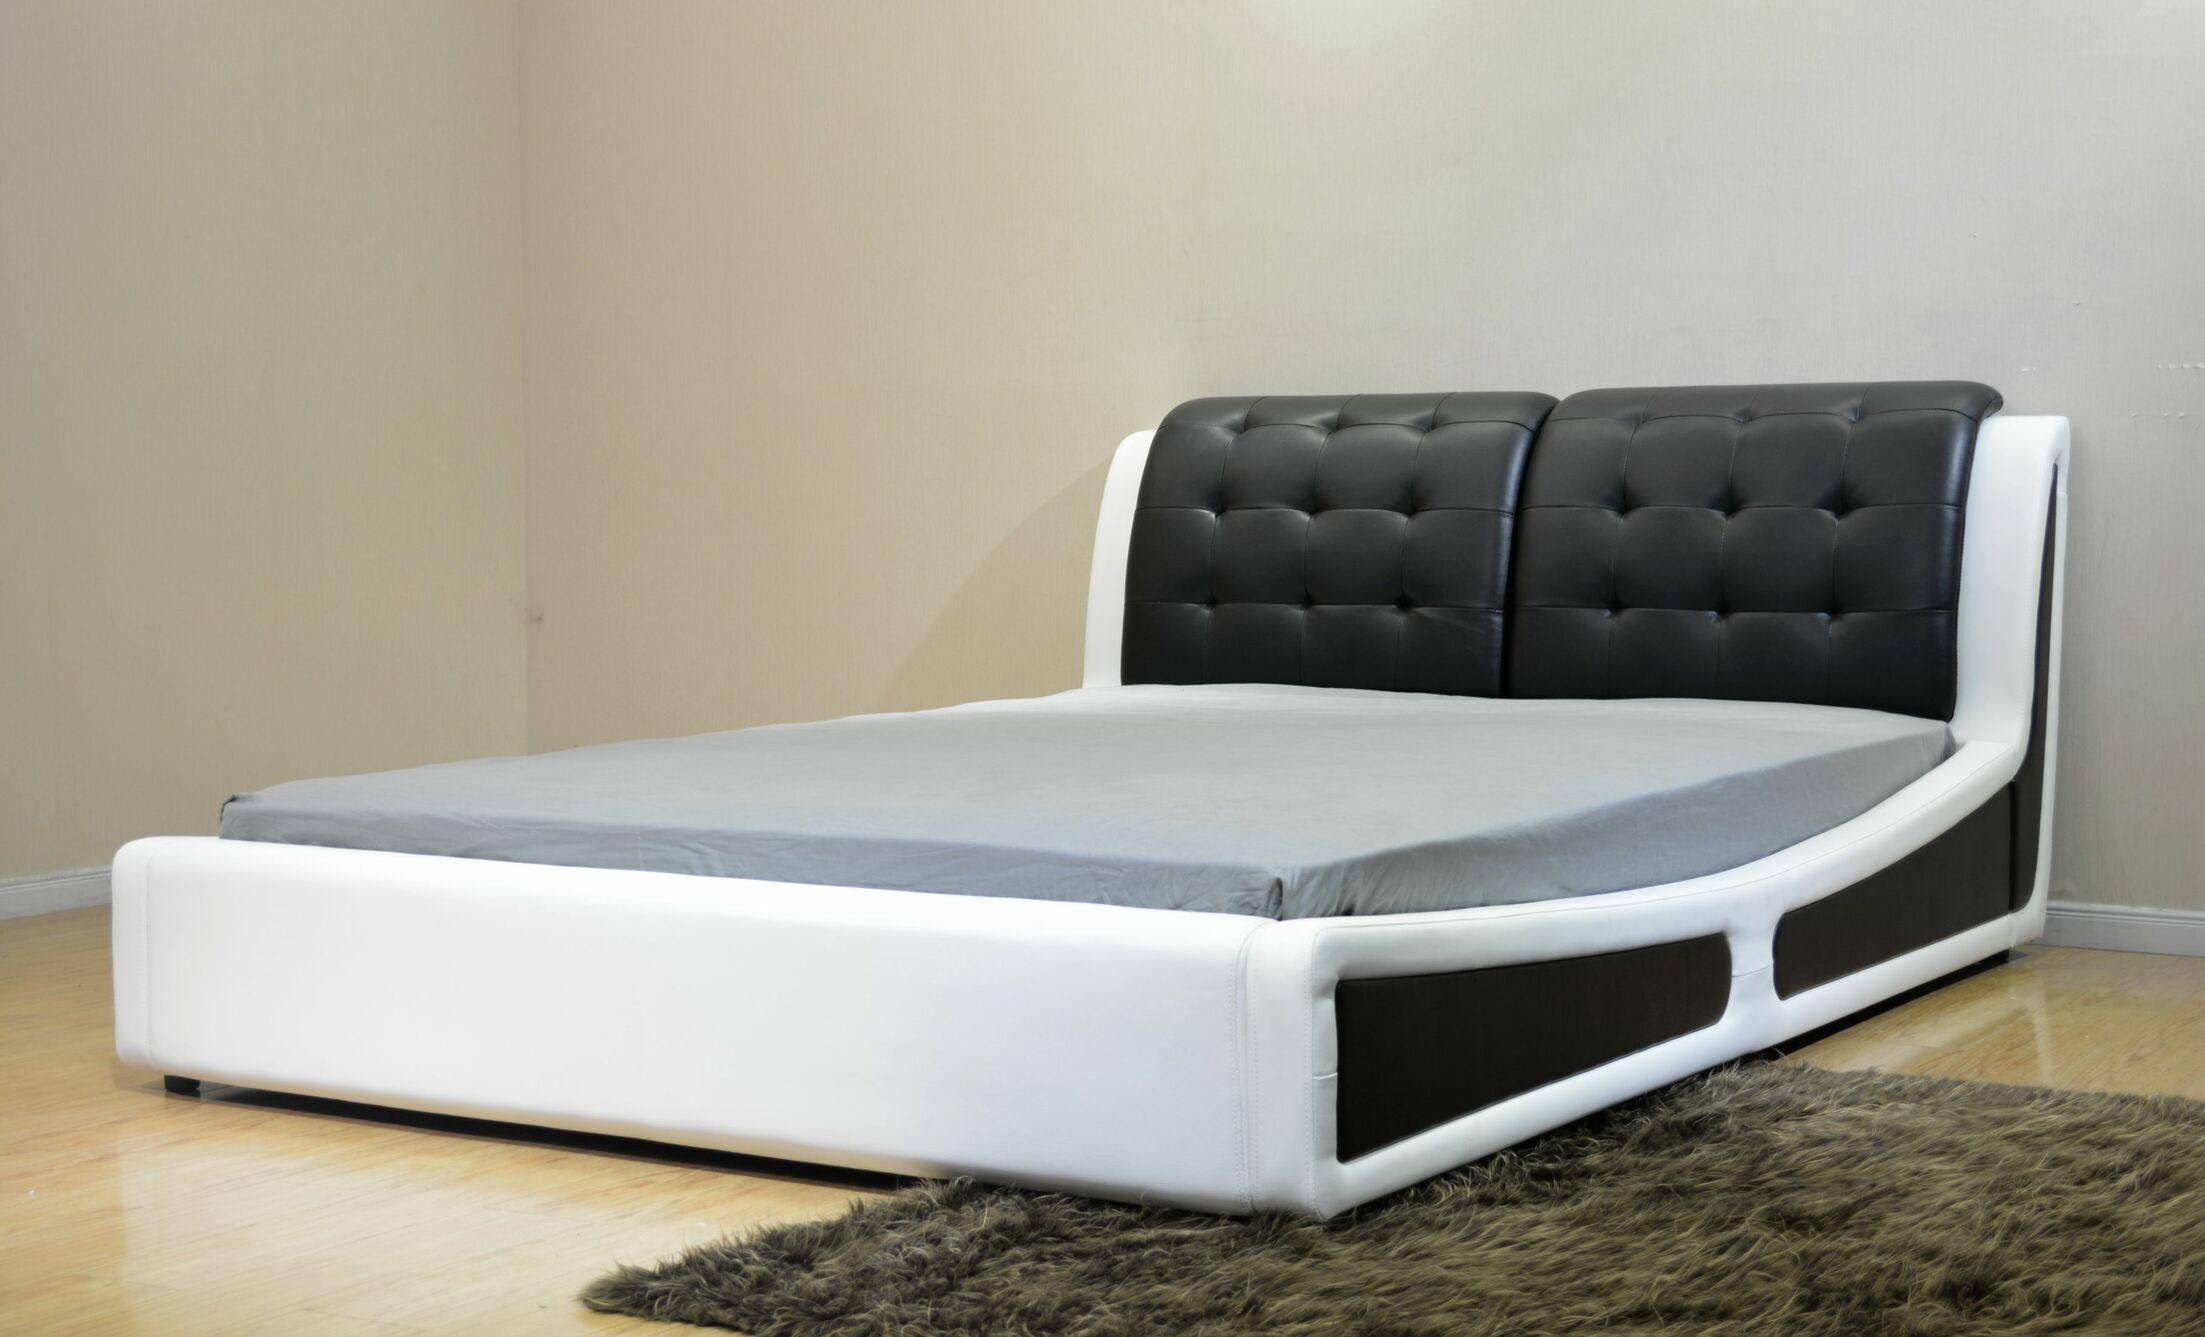 Greatime Upholstered Platform Bed Size: Eastern King